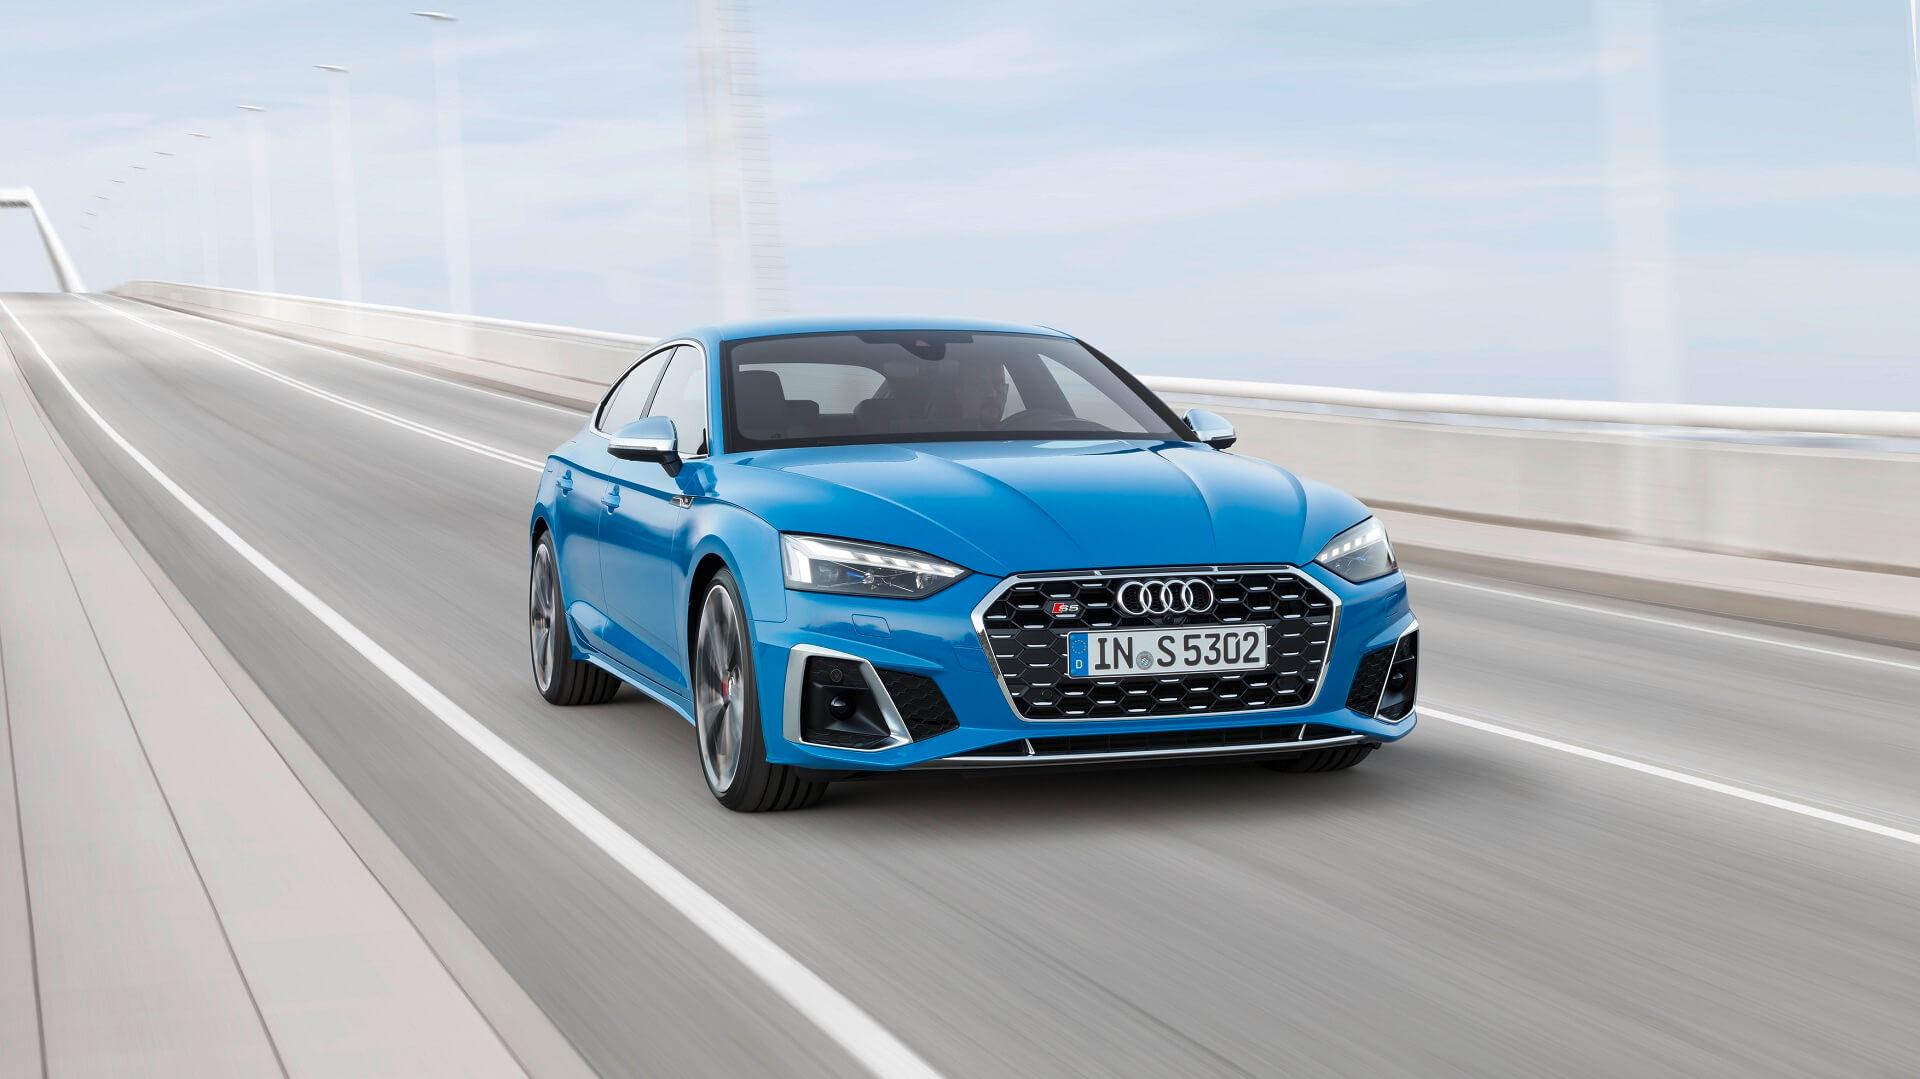 Νέο Audi S5 Sportback TDI